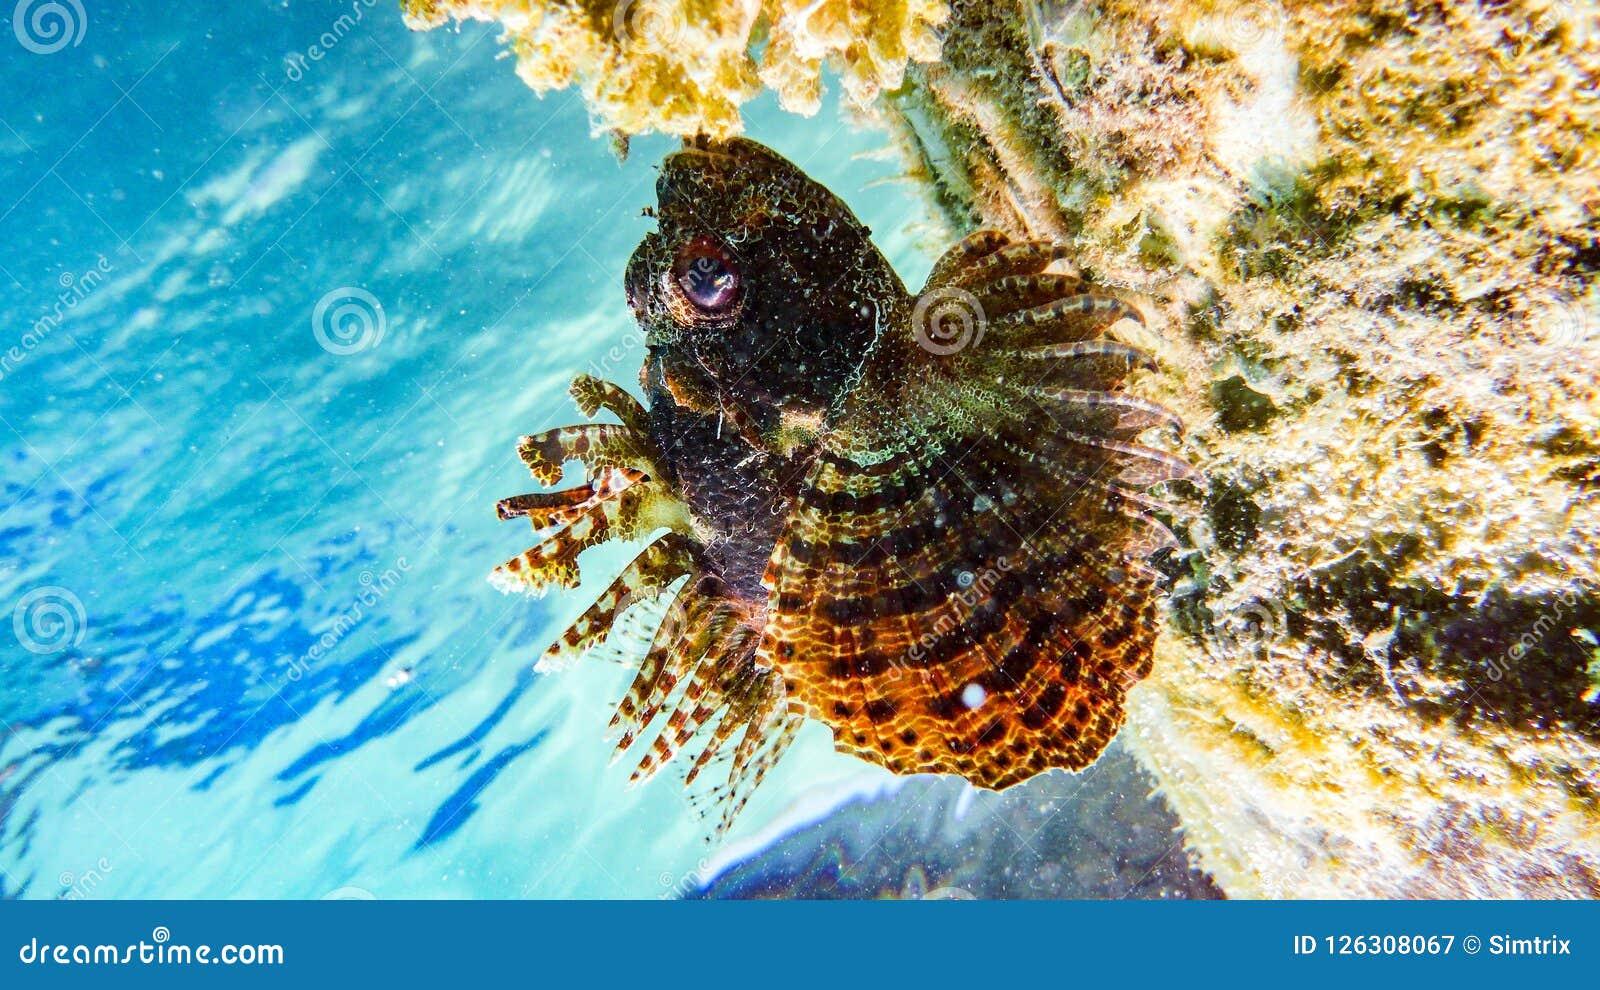 Spot fin lionfish in Maldives.